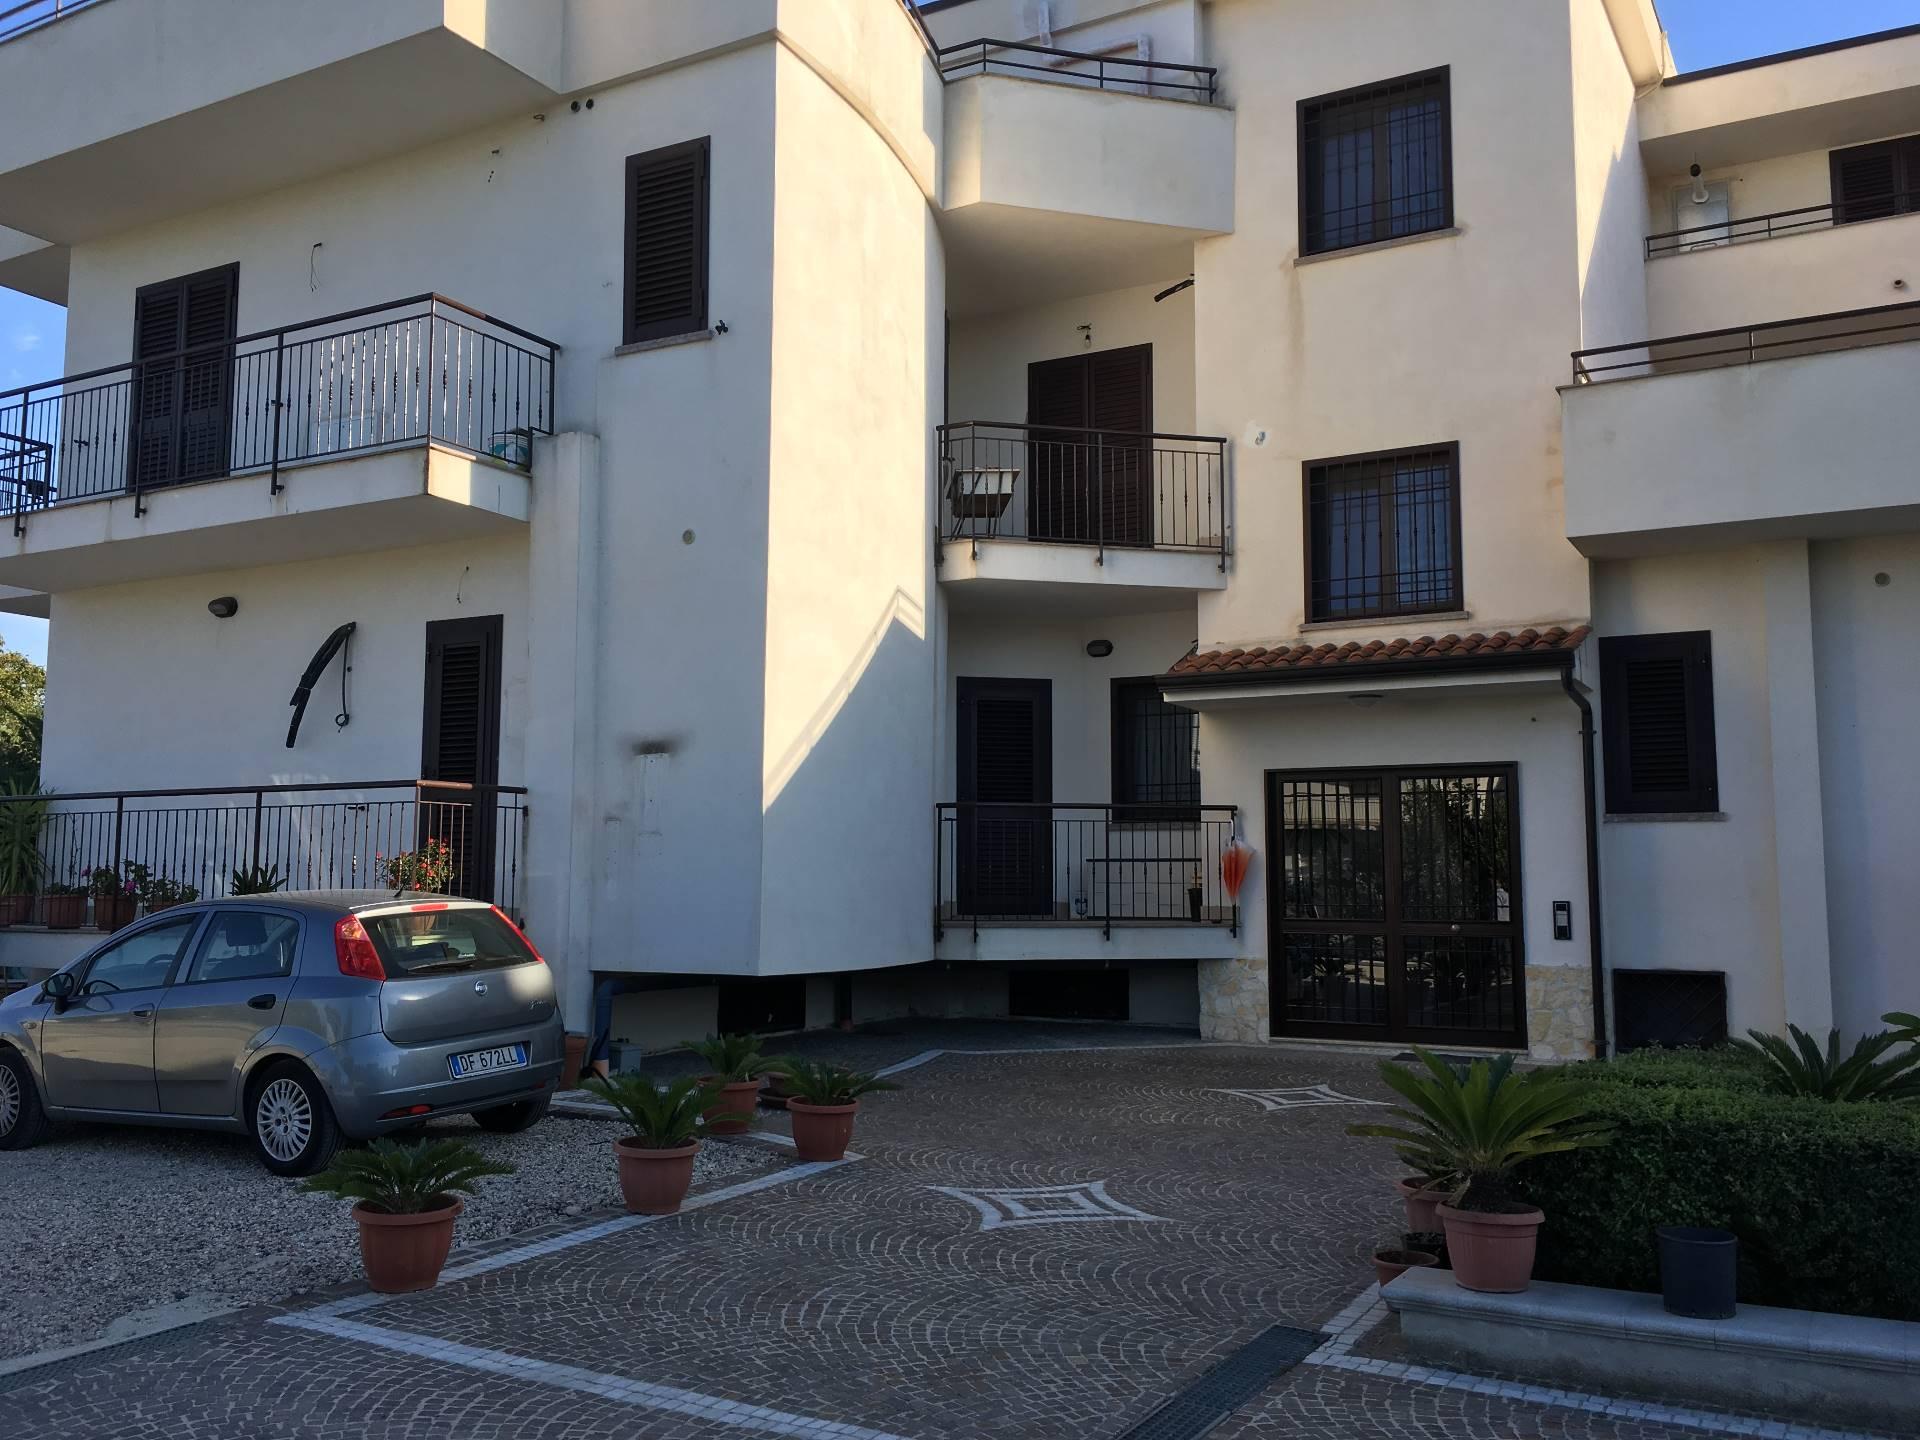 affitto appartamento marigliano   450 euro  3 locali  85 mq